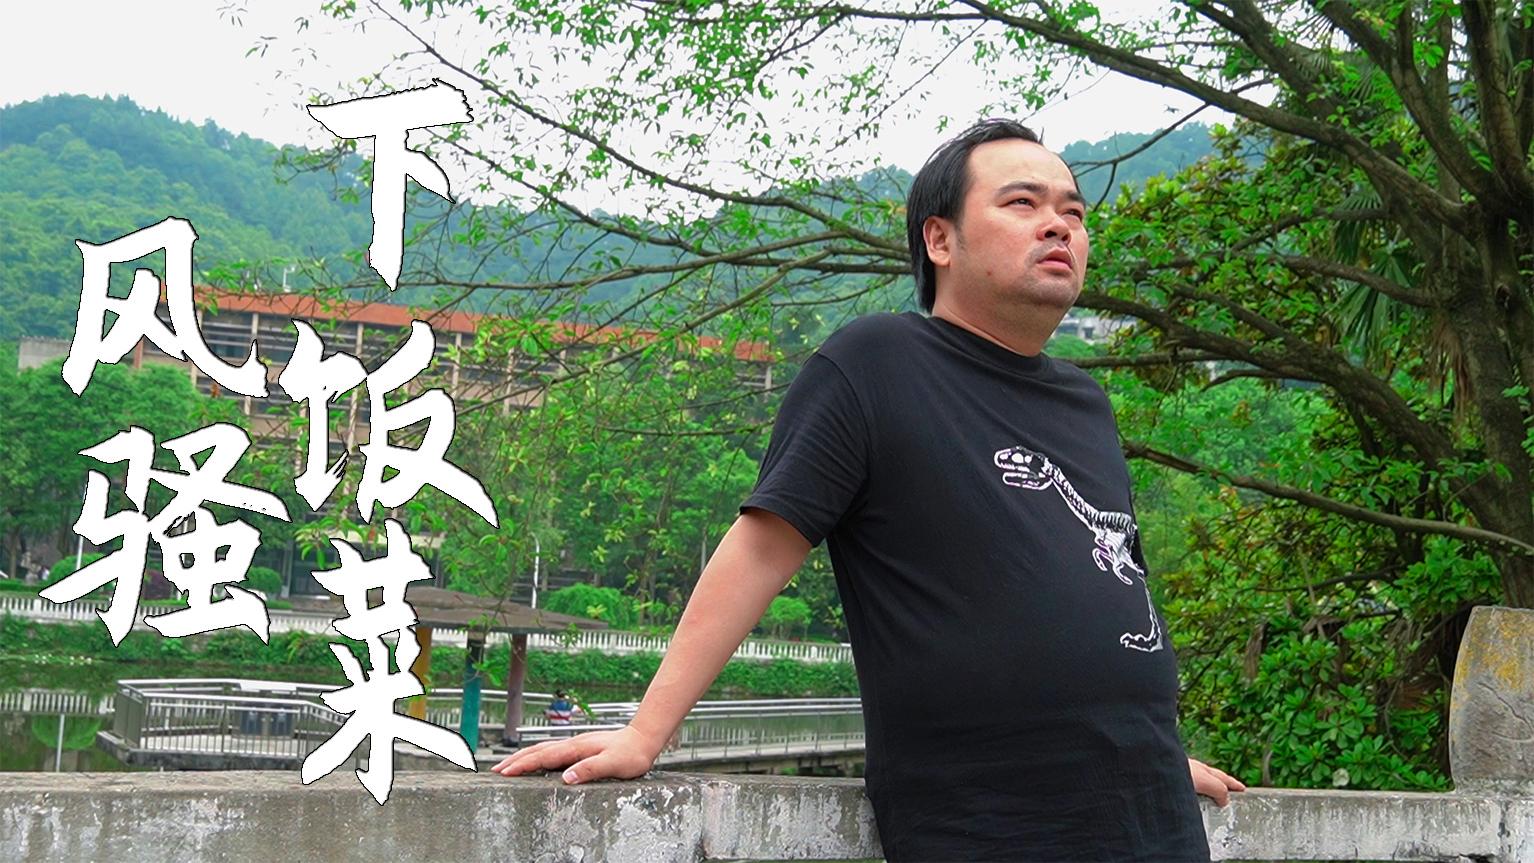 胖胖的山头Vlog『风骚下饭菜』